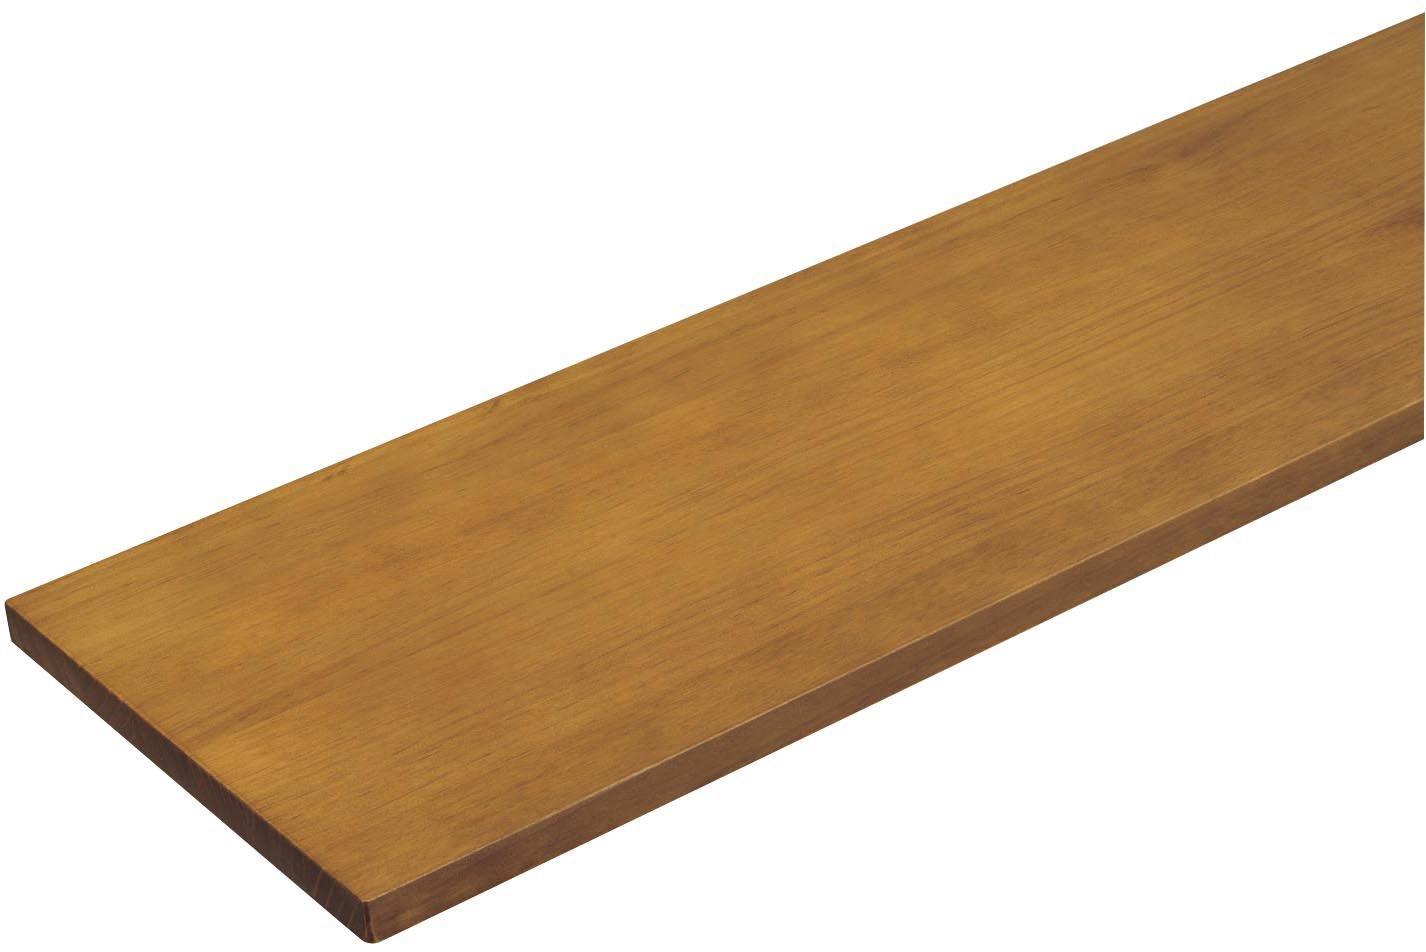 ウッドワン 棚板 ニュージーパイン無垢材 ナチュラル色 糸面 [長さ1680x奥行450x厚み18mm] MTR1680N-C1I-NL B074KK6KF4 長さ1680|ナチュラル|奥行450 ナチュラル 長さ1680